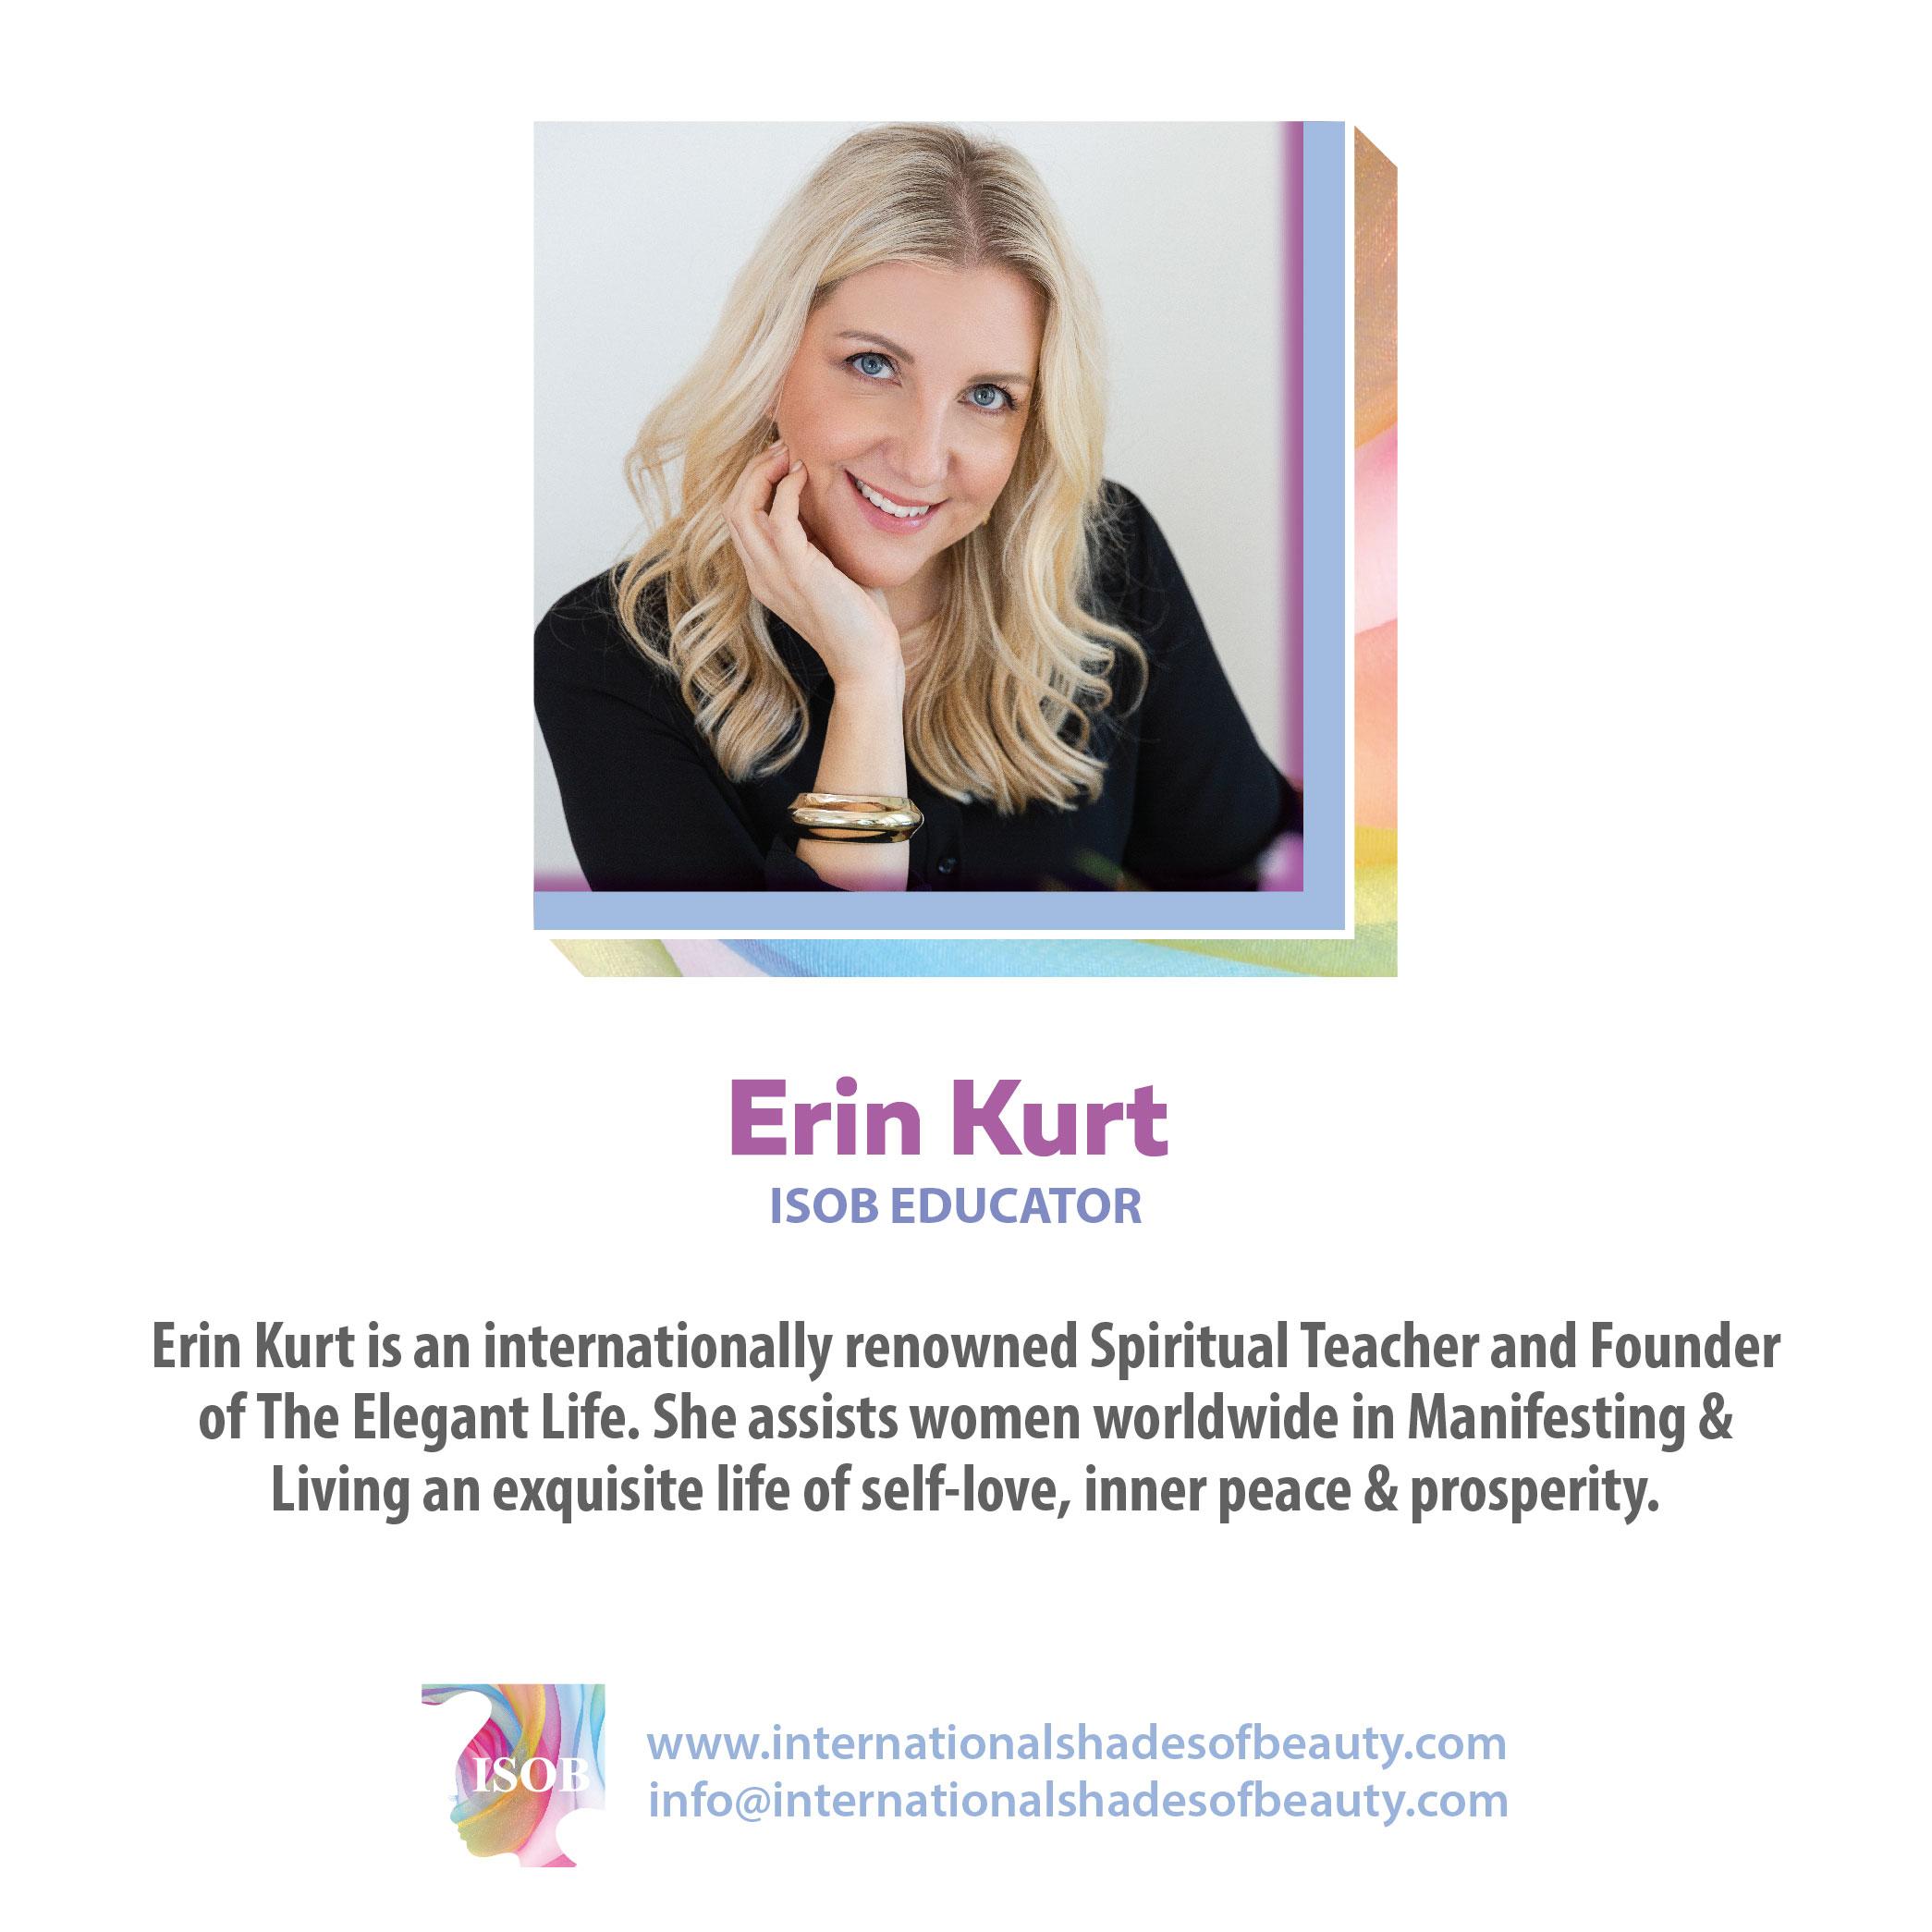 ISOB-3rd•_Erin Kurt